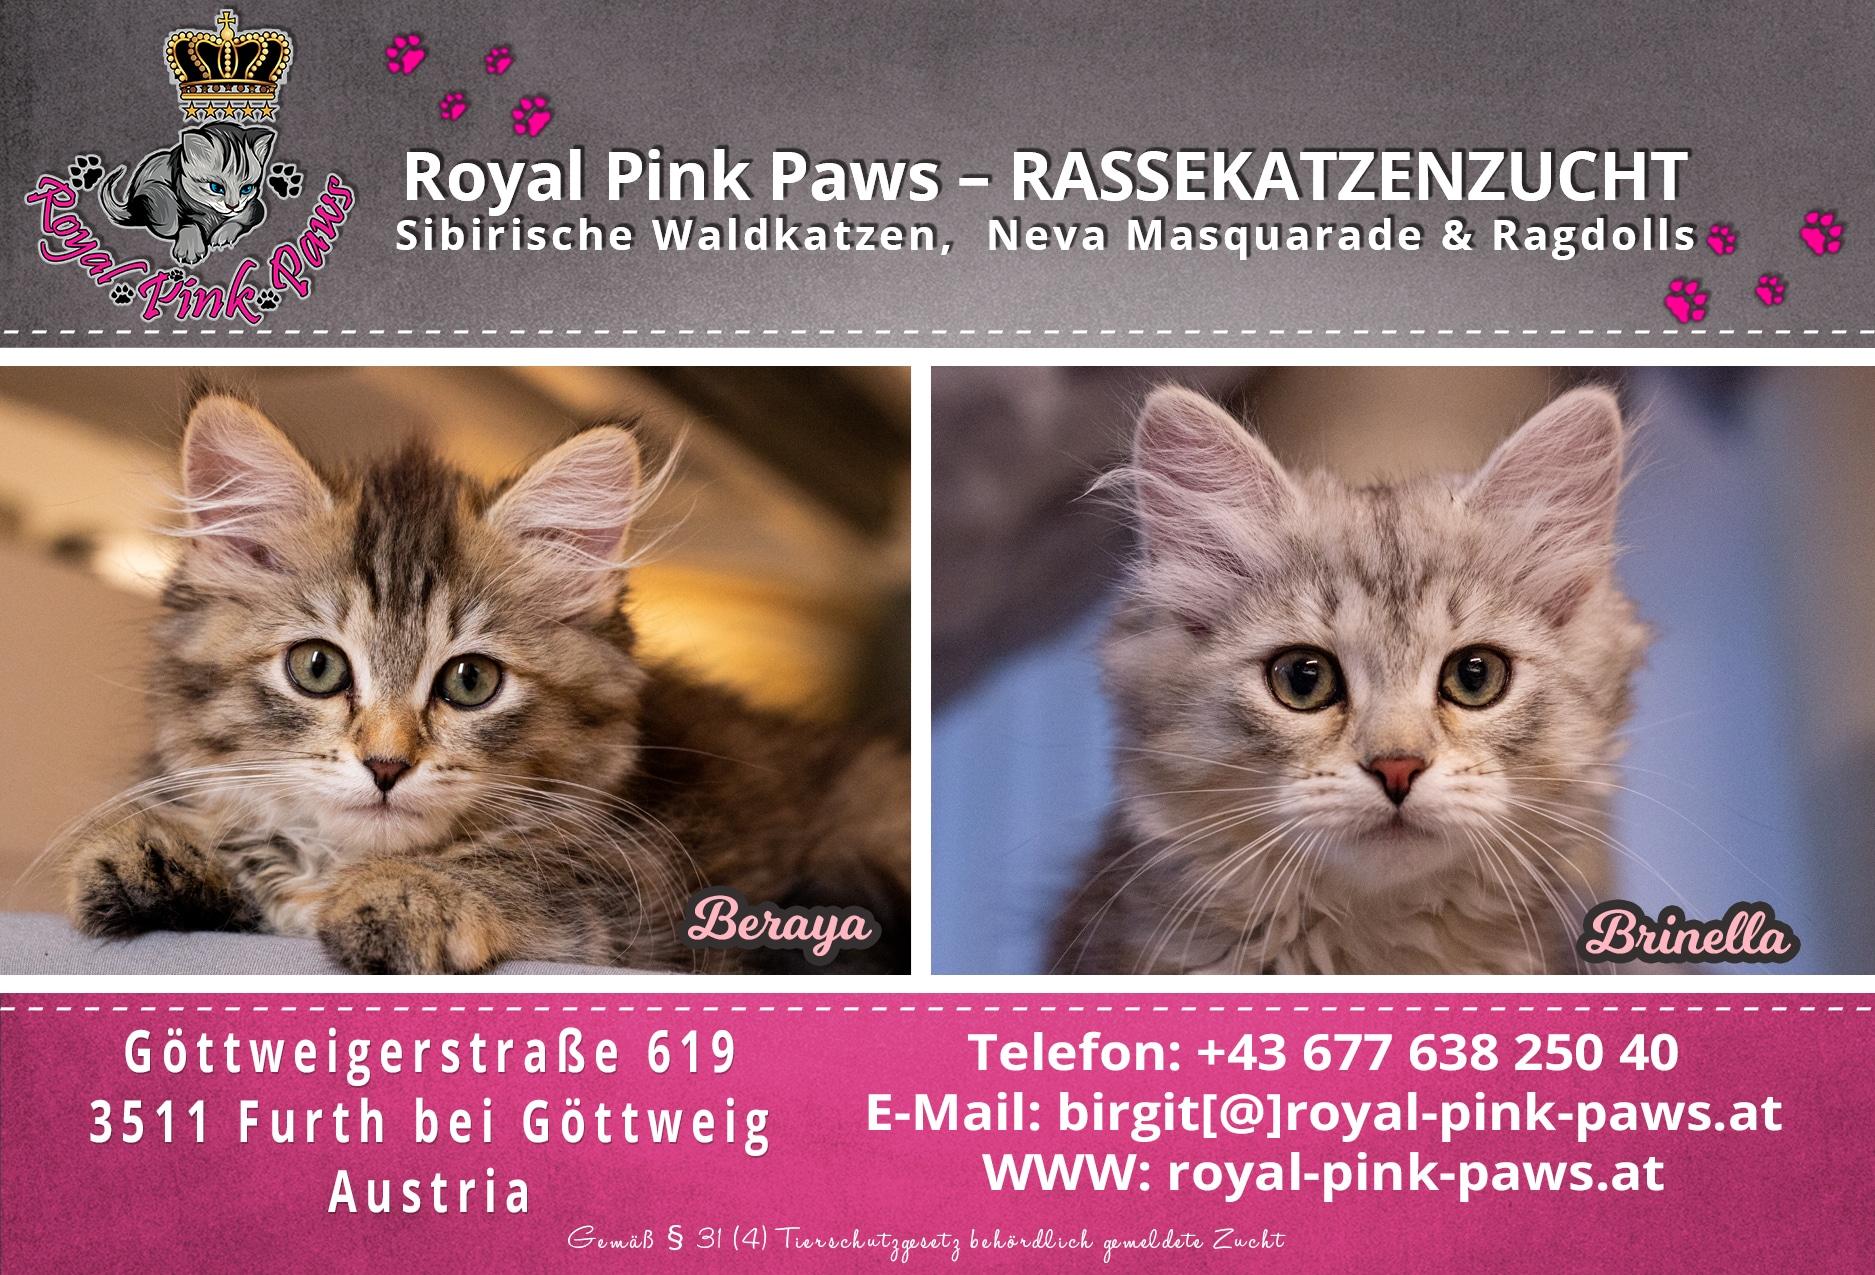 Sibirische Katze - Beraya & Brinella Royal Pink Paws